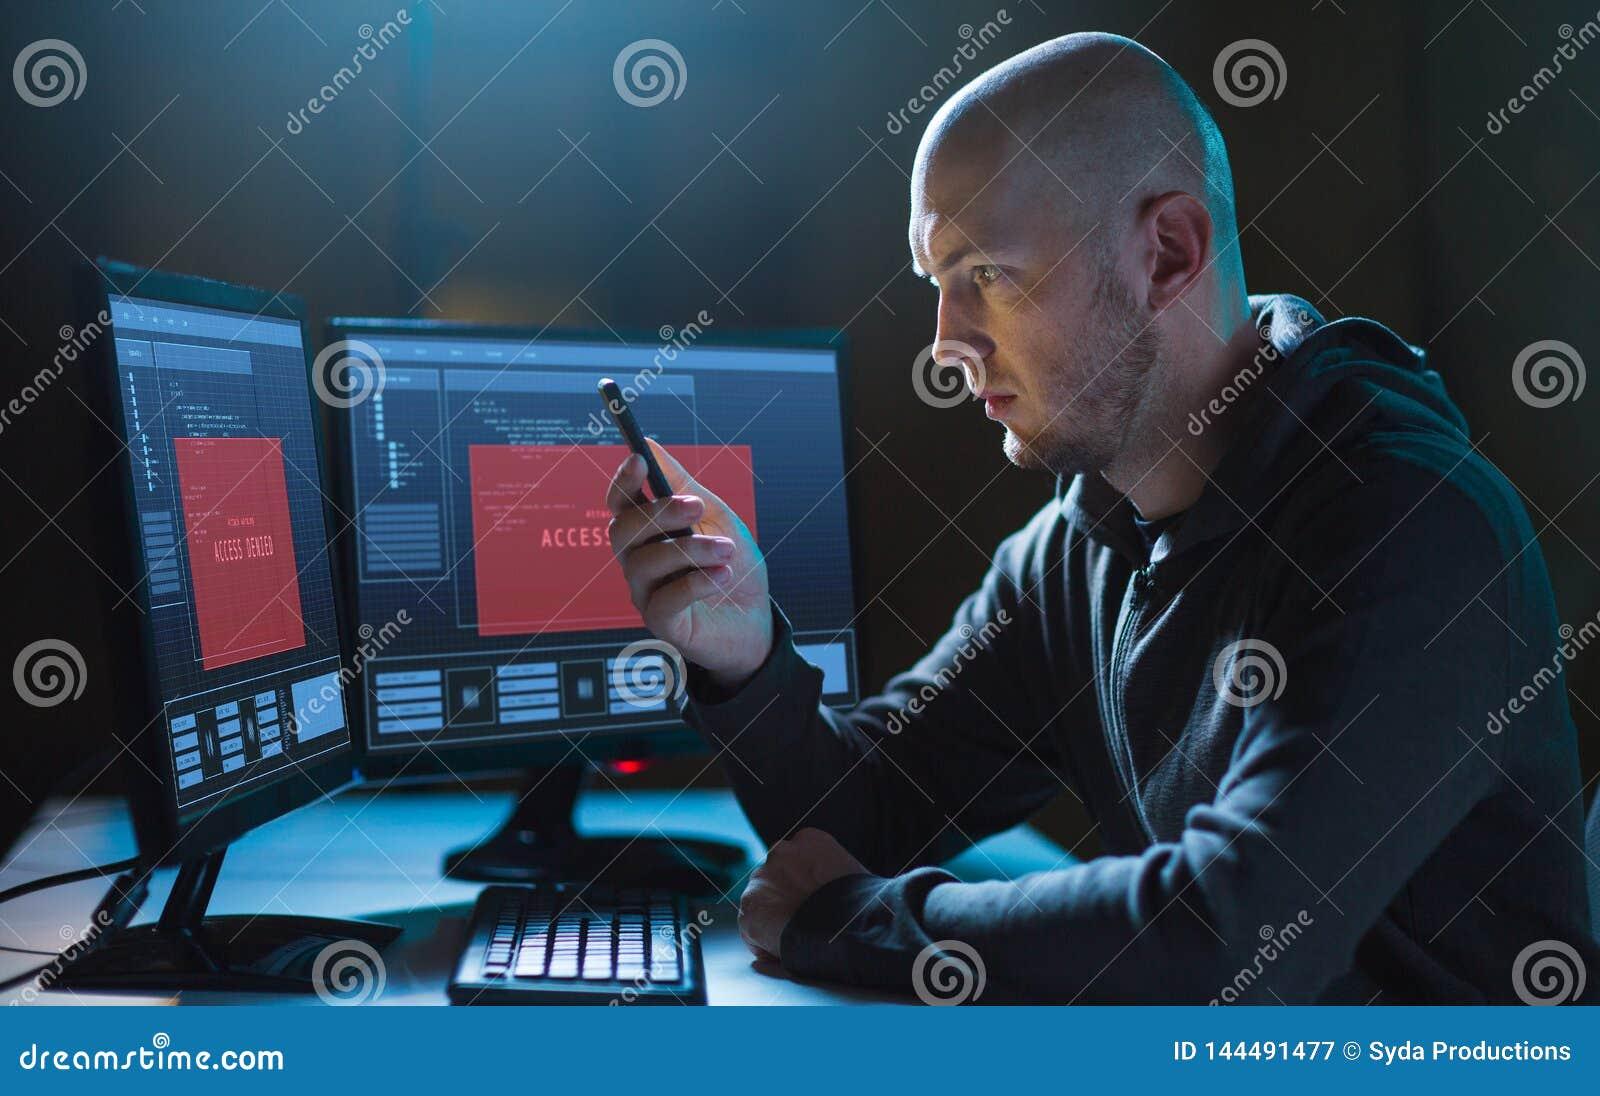 Pirata informático con smartphone y ordenadores en sitio oscuro